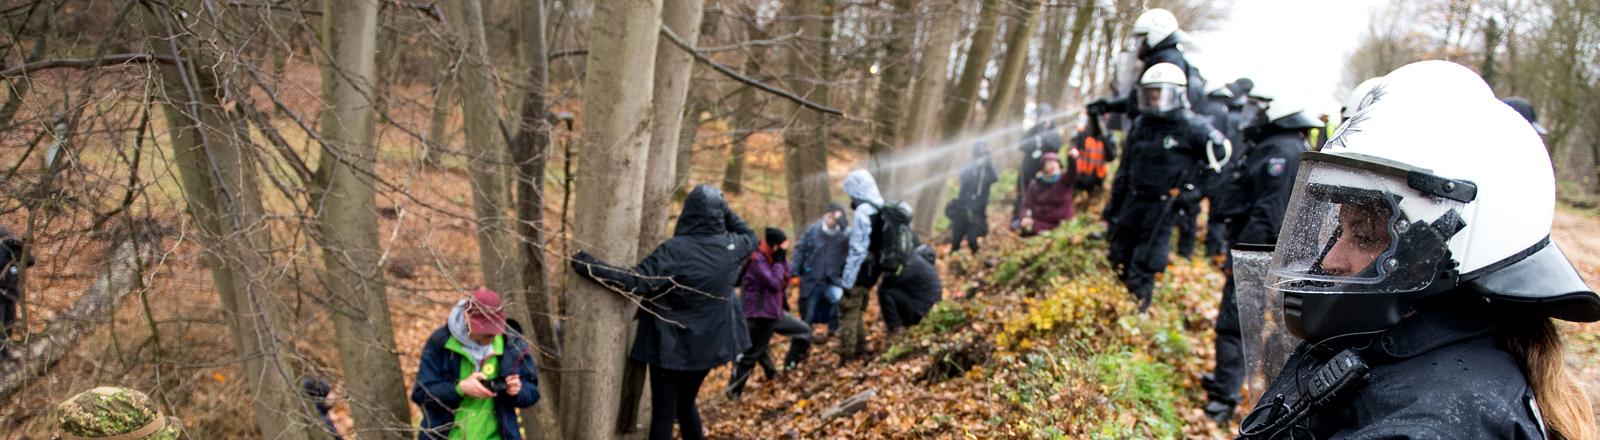 Polizei geht gegen Demonstranten im Hambacher Forst vor